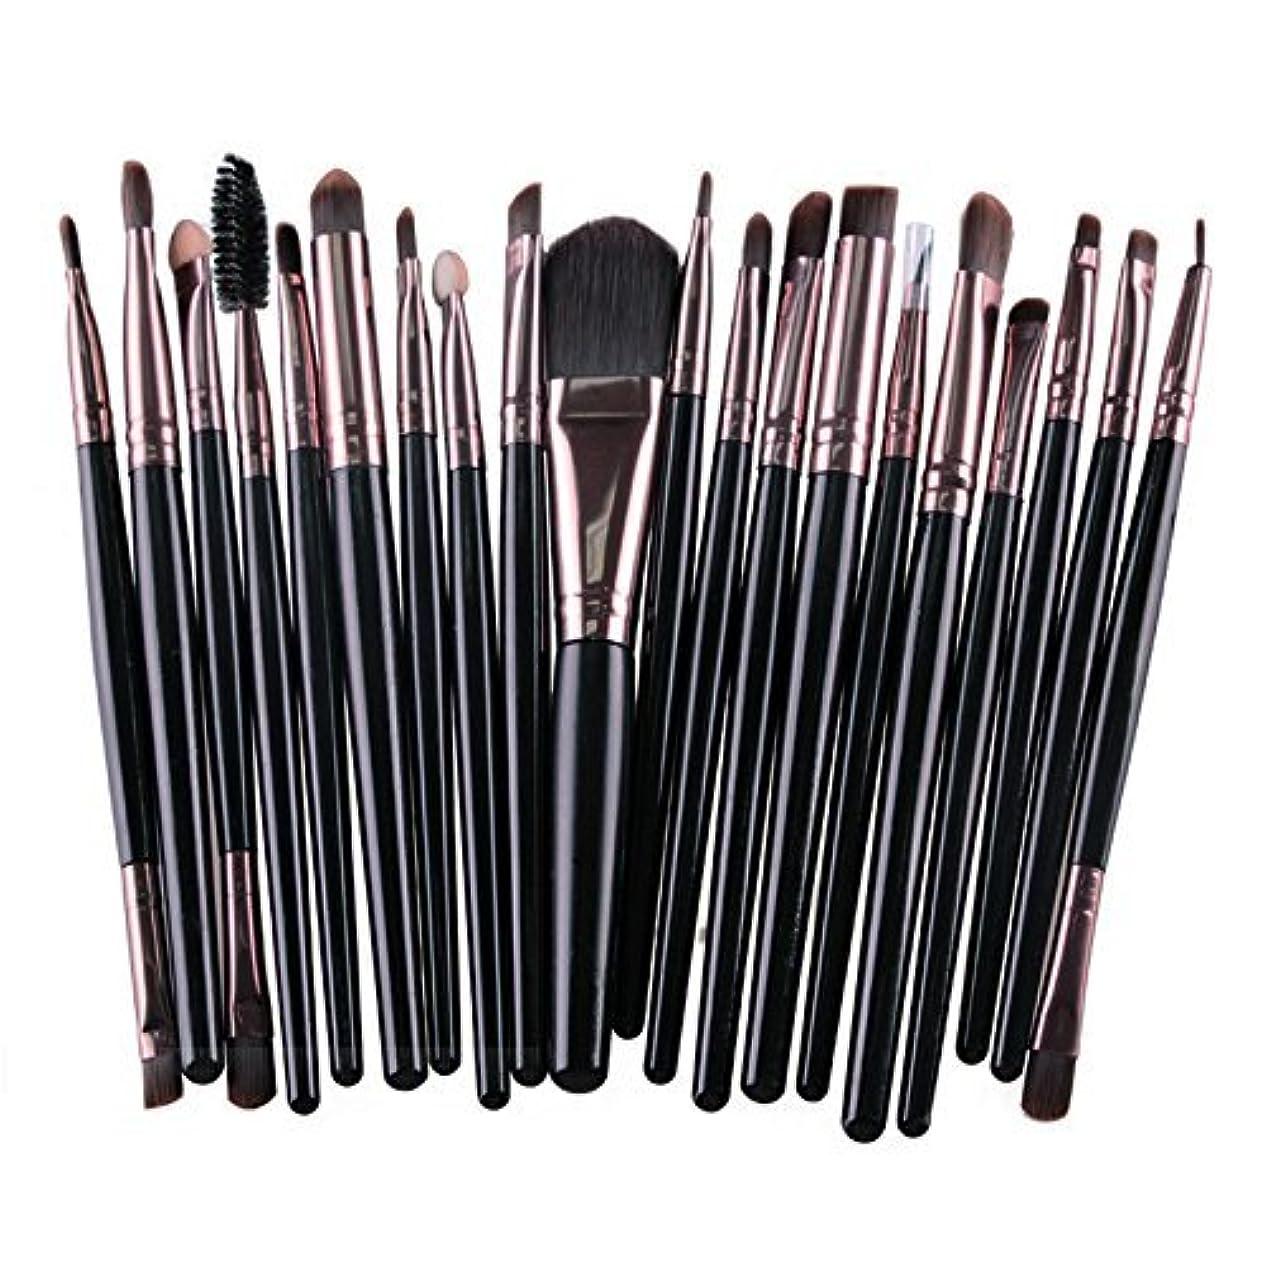 軽く感染する藤色メイクブラシ 20種類セット 20本入り メイク筆 化粧筆 チップ 美容 化粧品 TEC-MAG5165D (ブラック)